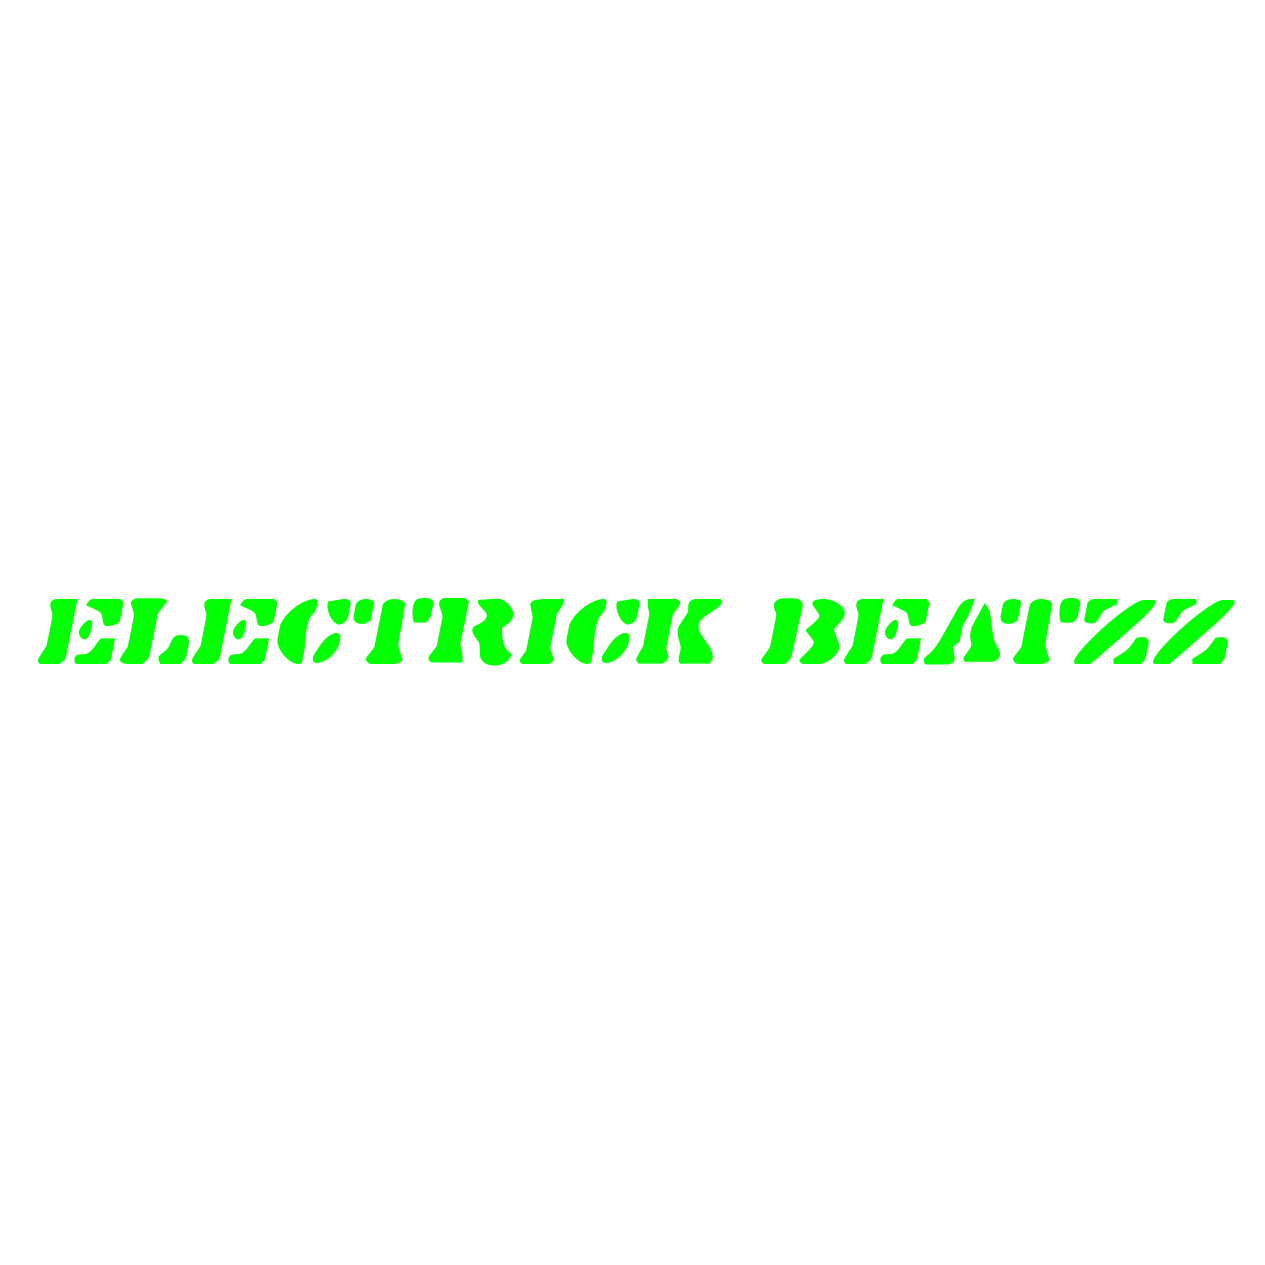 Electrick Beatzz